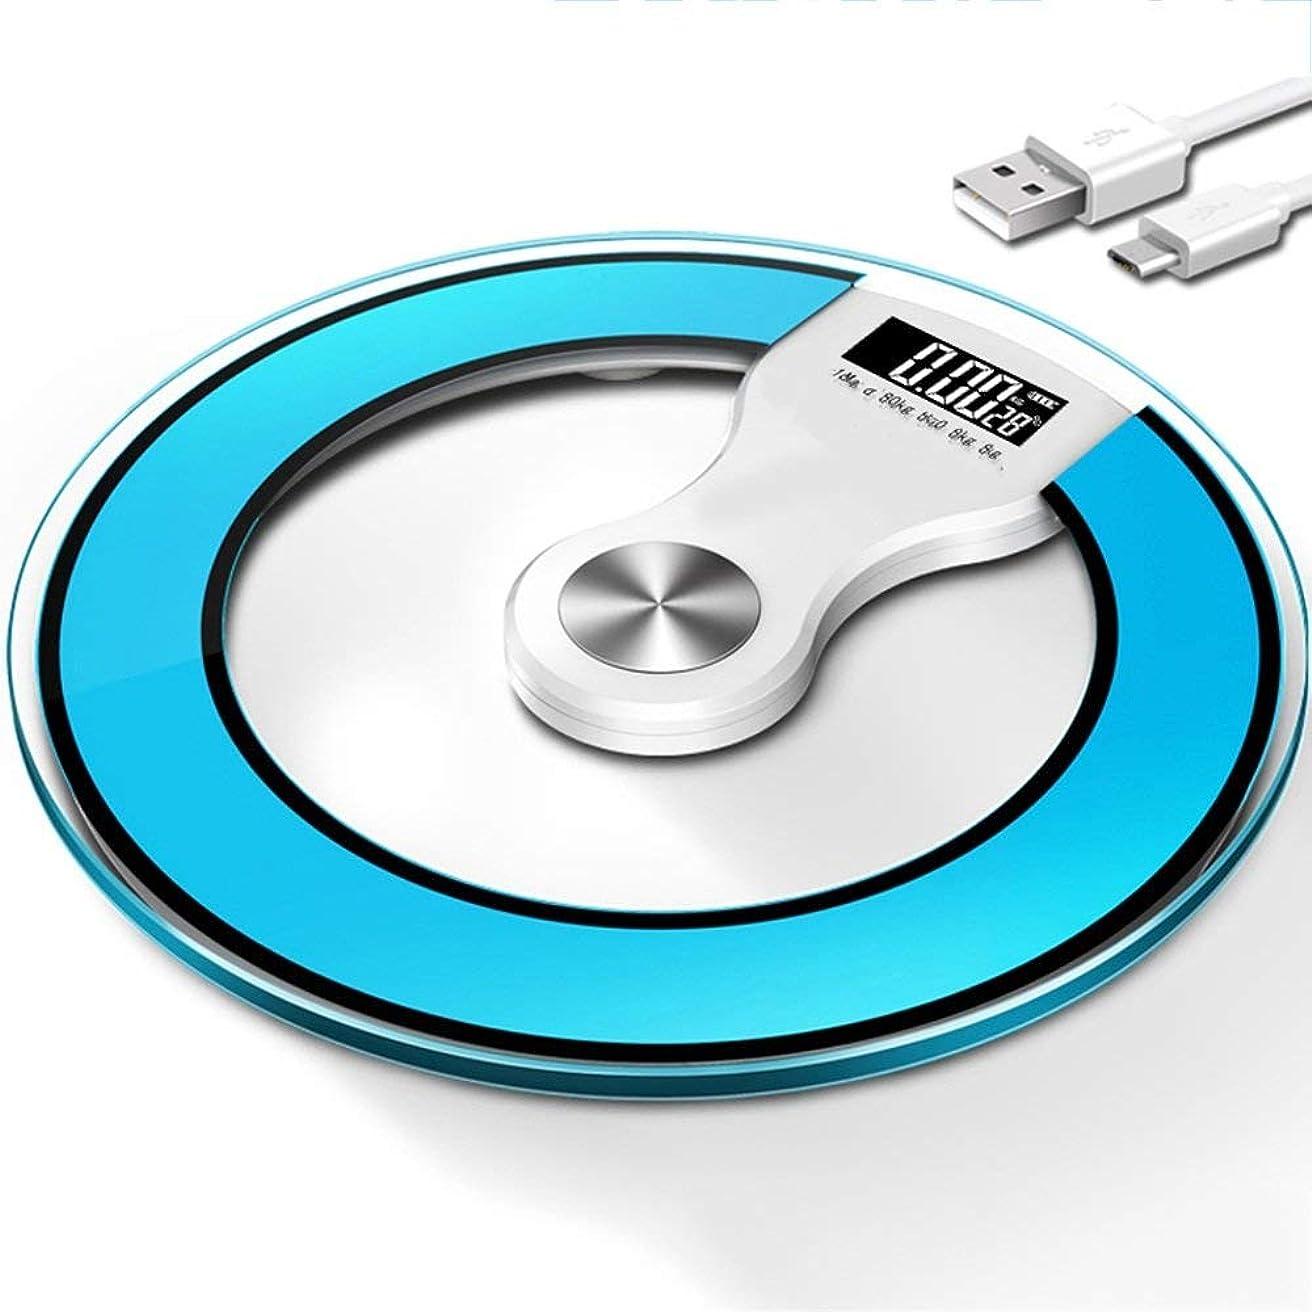 番目誘発するシロナガスクジラ電子体重計体重計人体健康スケール家庭用ナイトビジョン体重計USB駆動耐荷重180KG(カラー:ブルー)